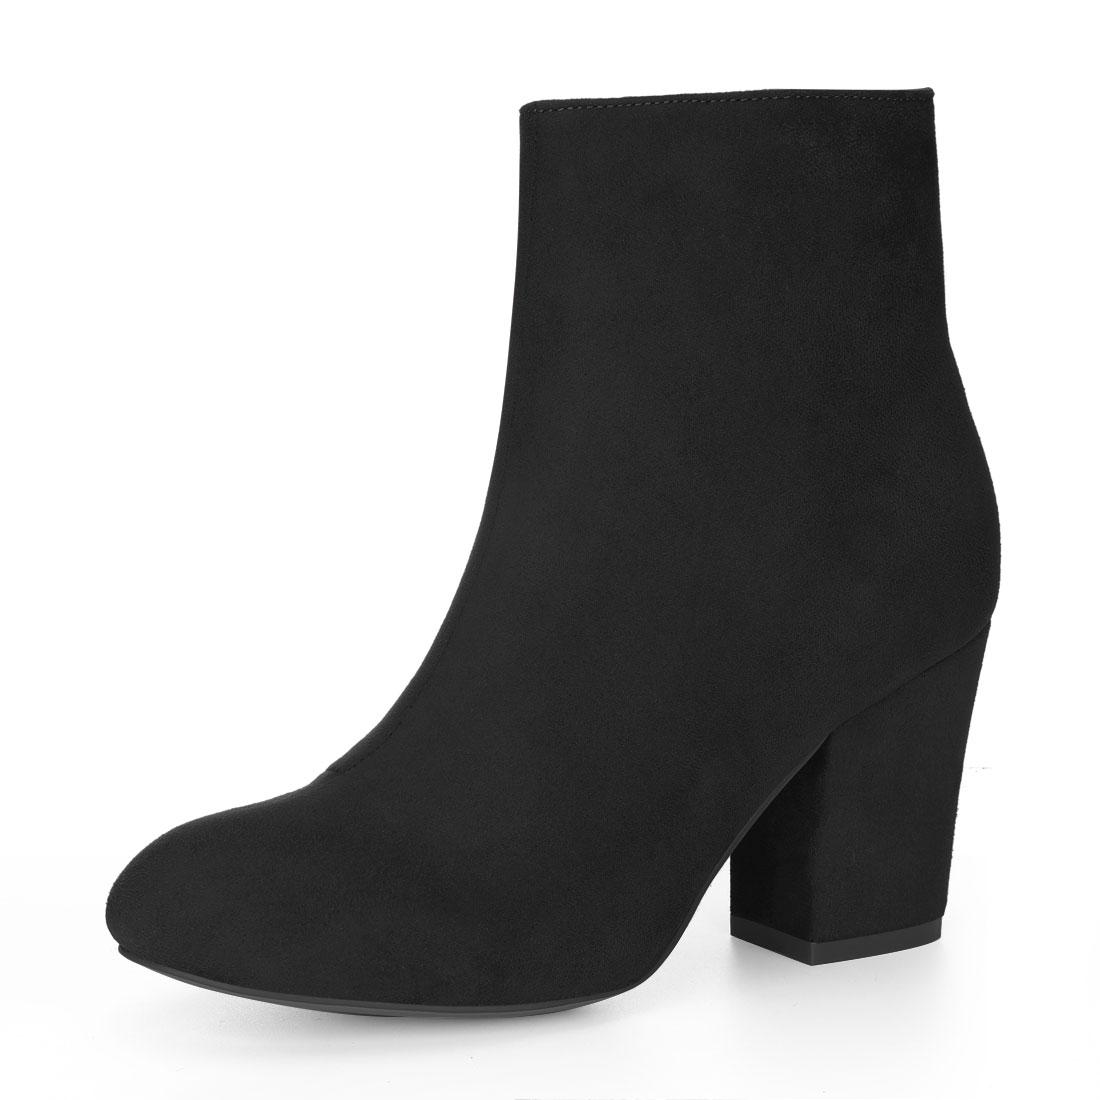 Allegra K Women Round Toe Side Zipper Block Heel Ankle Boots Black US 10